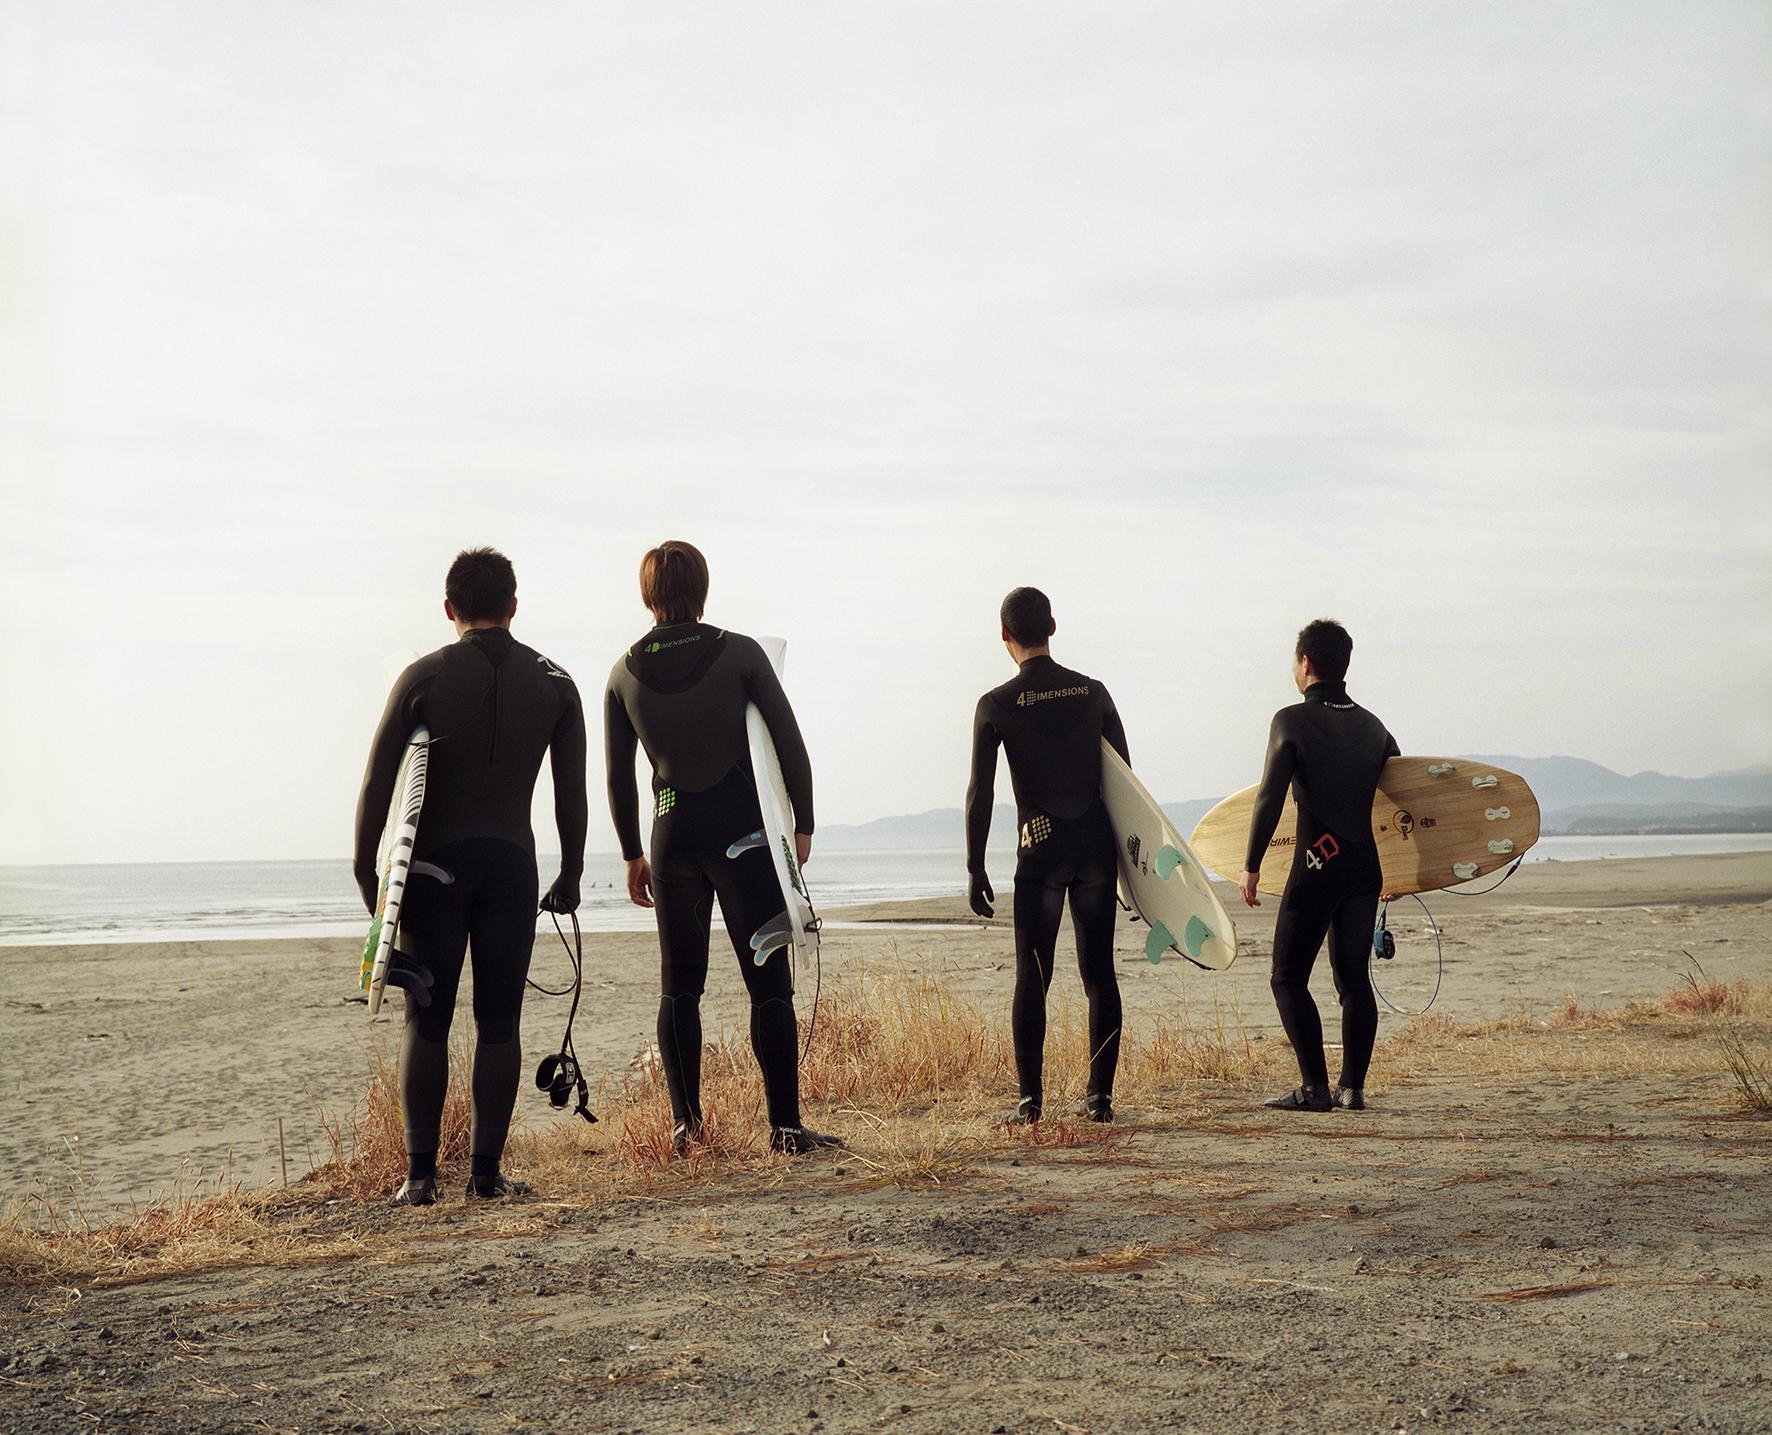 """© Nina Korhonen Titel: """"Surfers"""" Plats/Datum: Kochi, Japan 2014Bildmått: 40x50 cmTeknik: Fotograferad med film/Arkivbeständig pigmentbläckutskrift Montering: Träram 50x60 cm Upplaga: 5 Signerad: Ja Pris: 12000 SEK Säljs även i format 70x90 cm. Upplaga: 5. Signerad: Ja Pris: SEK 18000"""